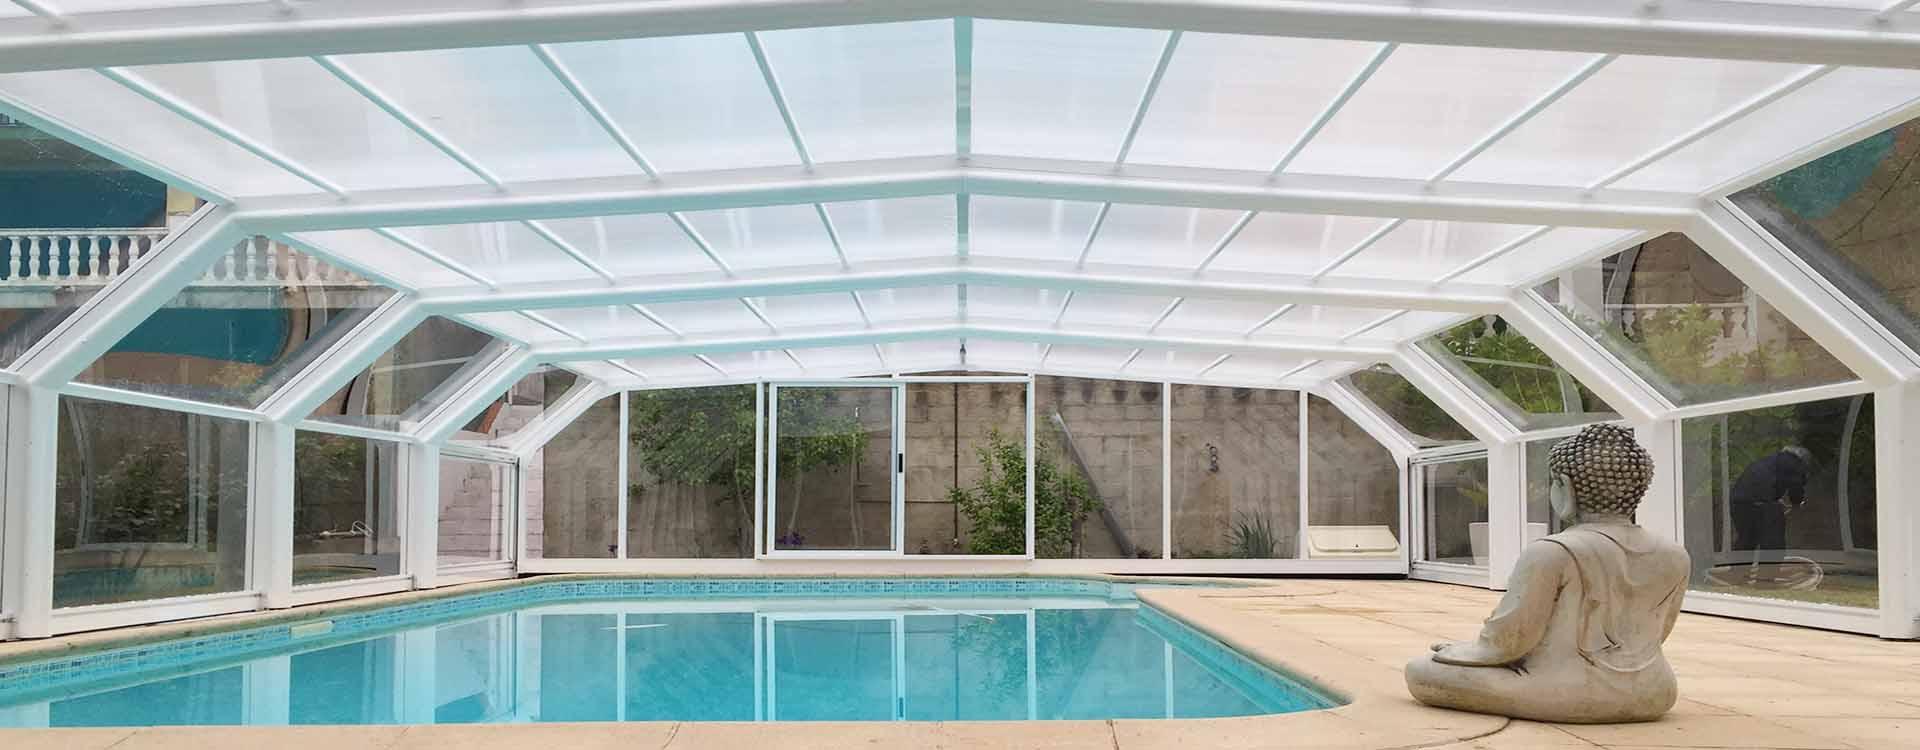 Cubiertas para piscinas al mejor precio cubriland for Cubierta de piscinas precios